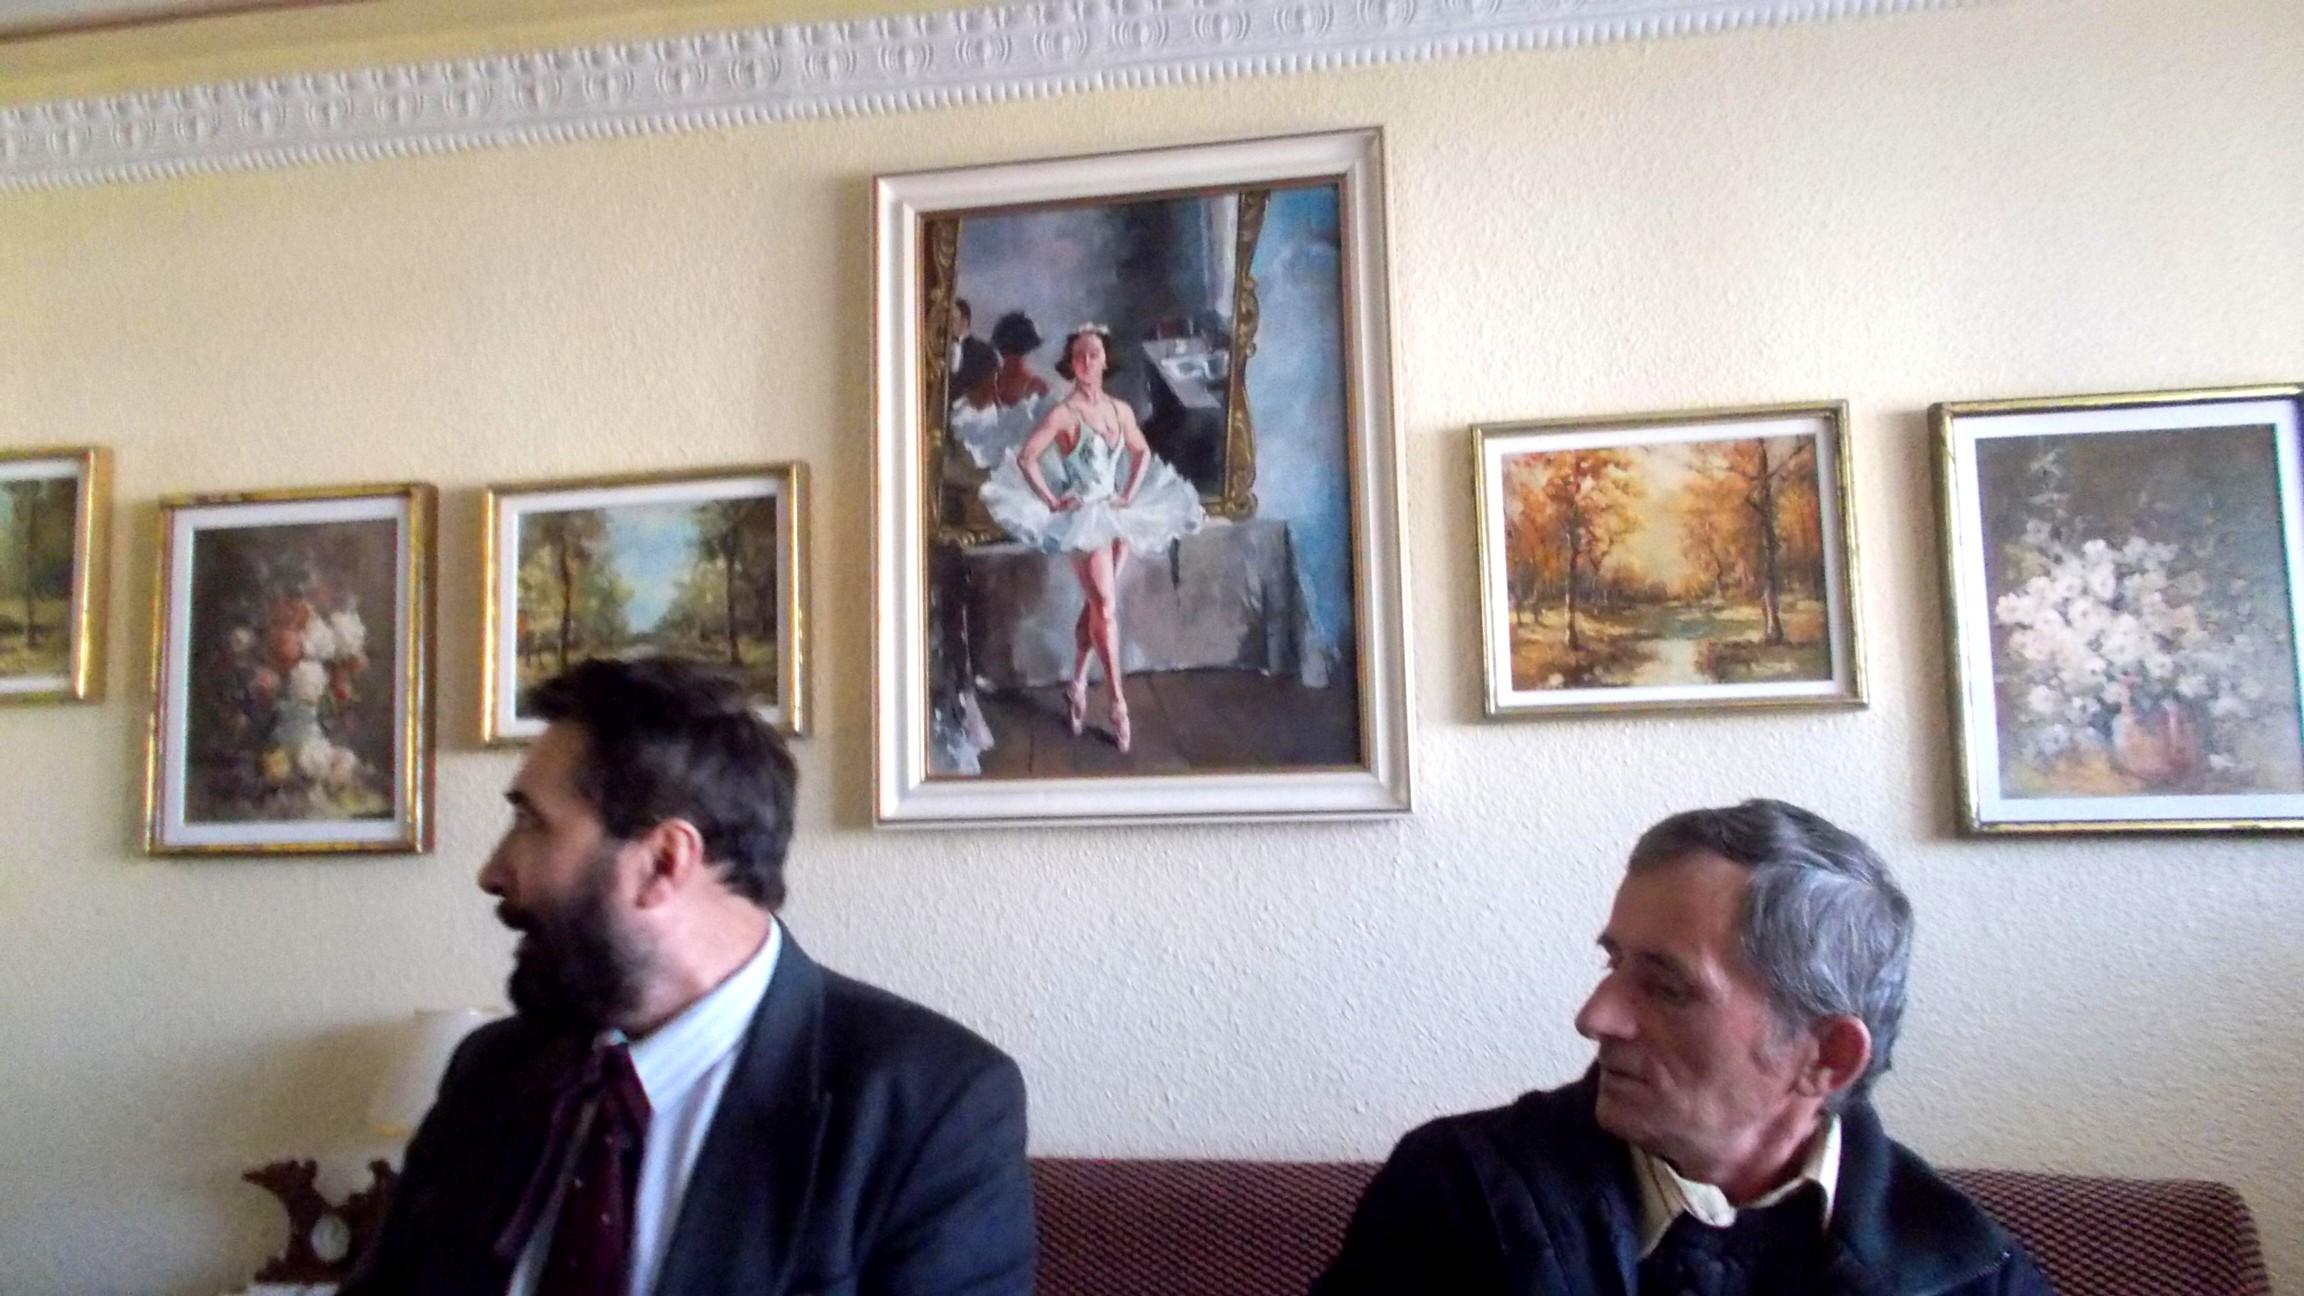 Constantin Ungureanu-Box şi Gheorghe Senciuc, uitând de foame